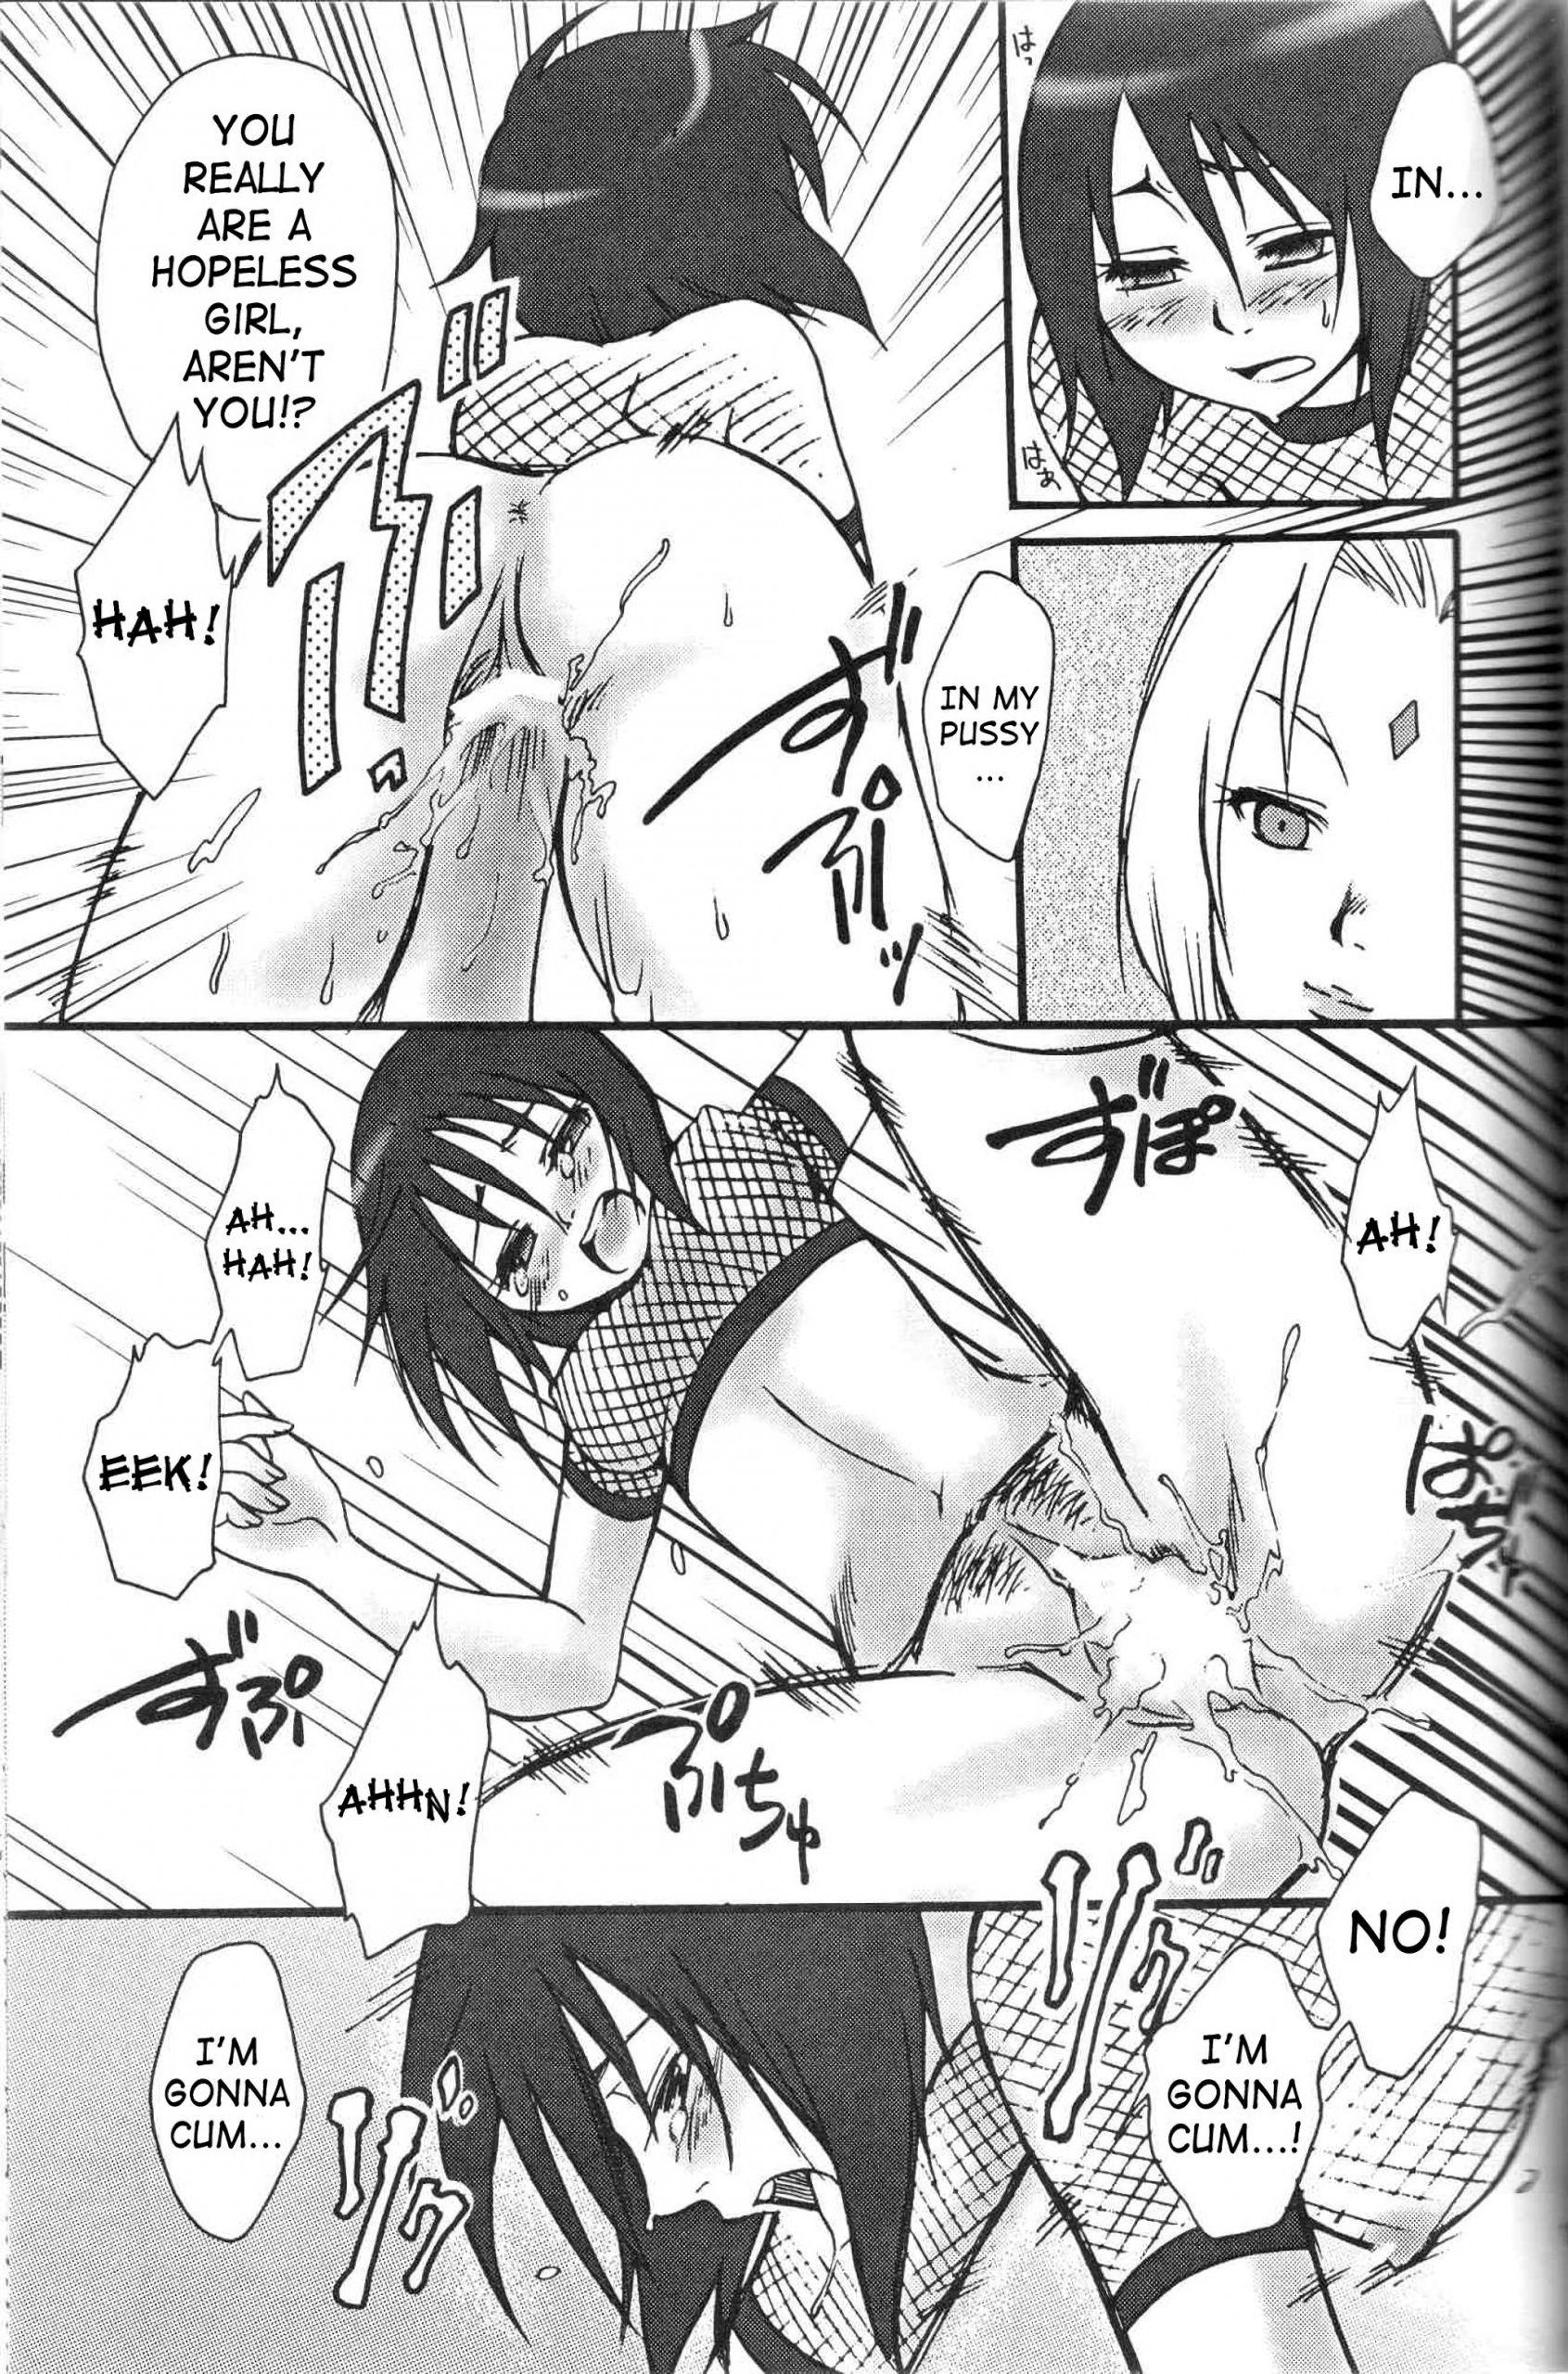 Janbo mochi hentai manga picture 12 1